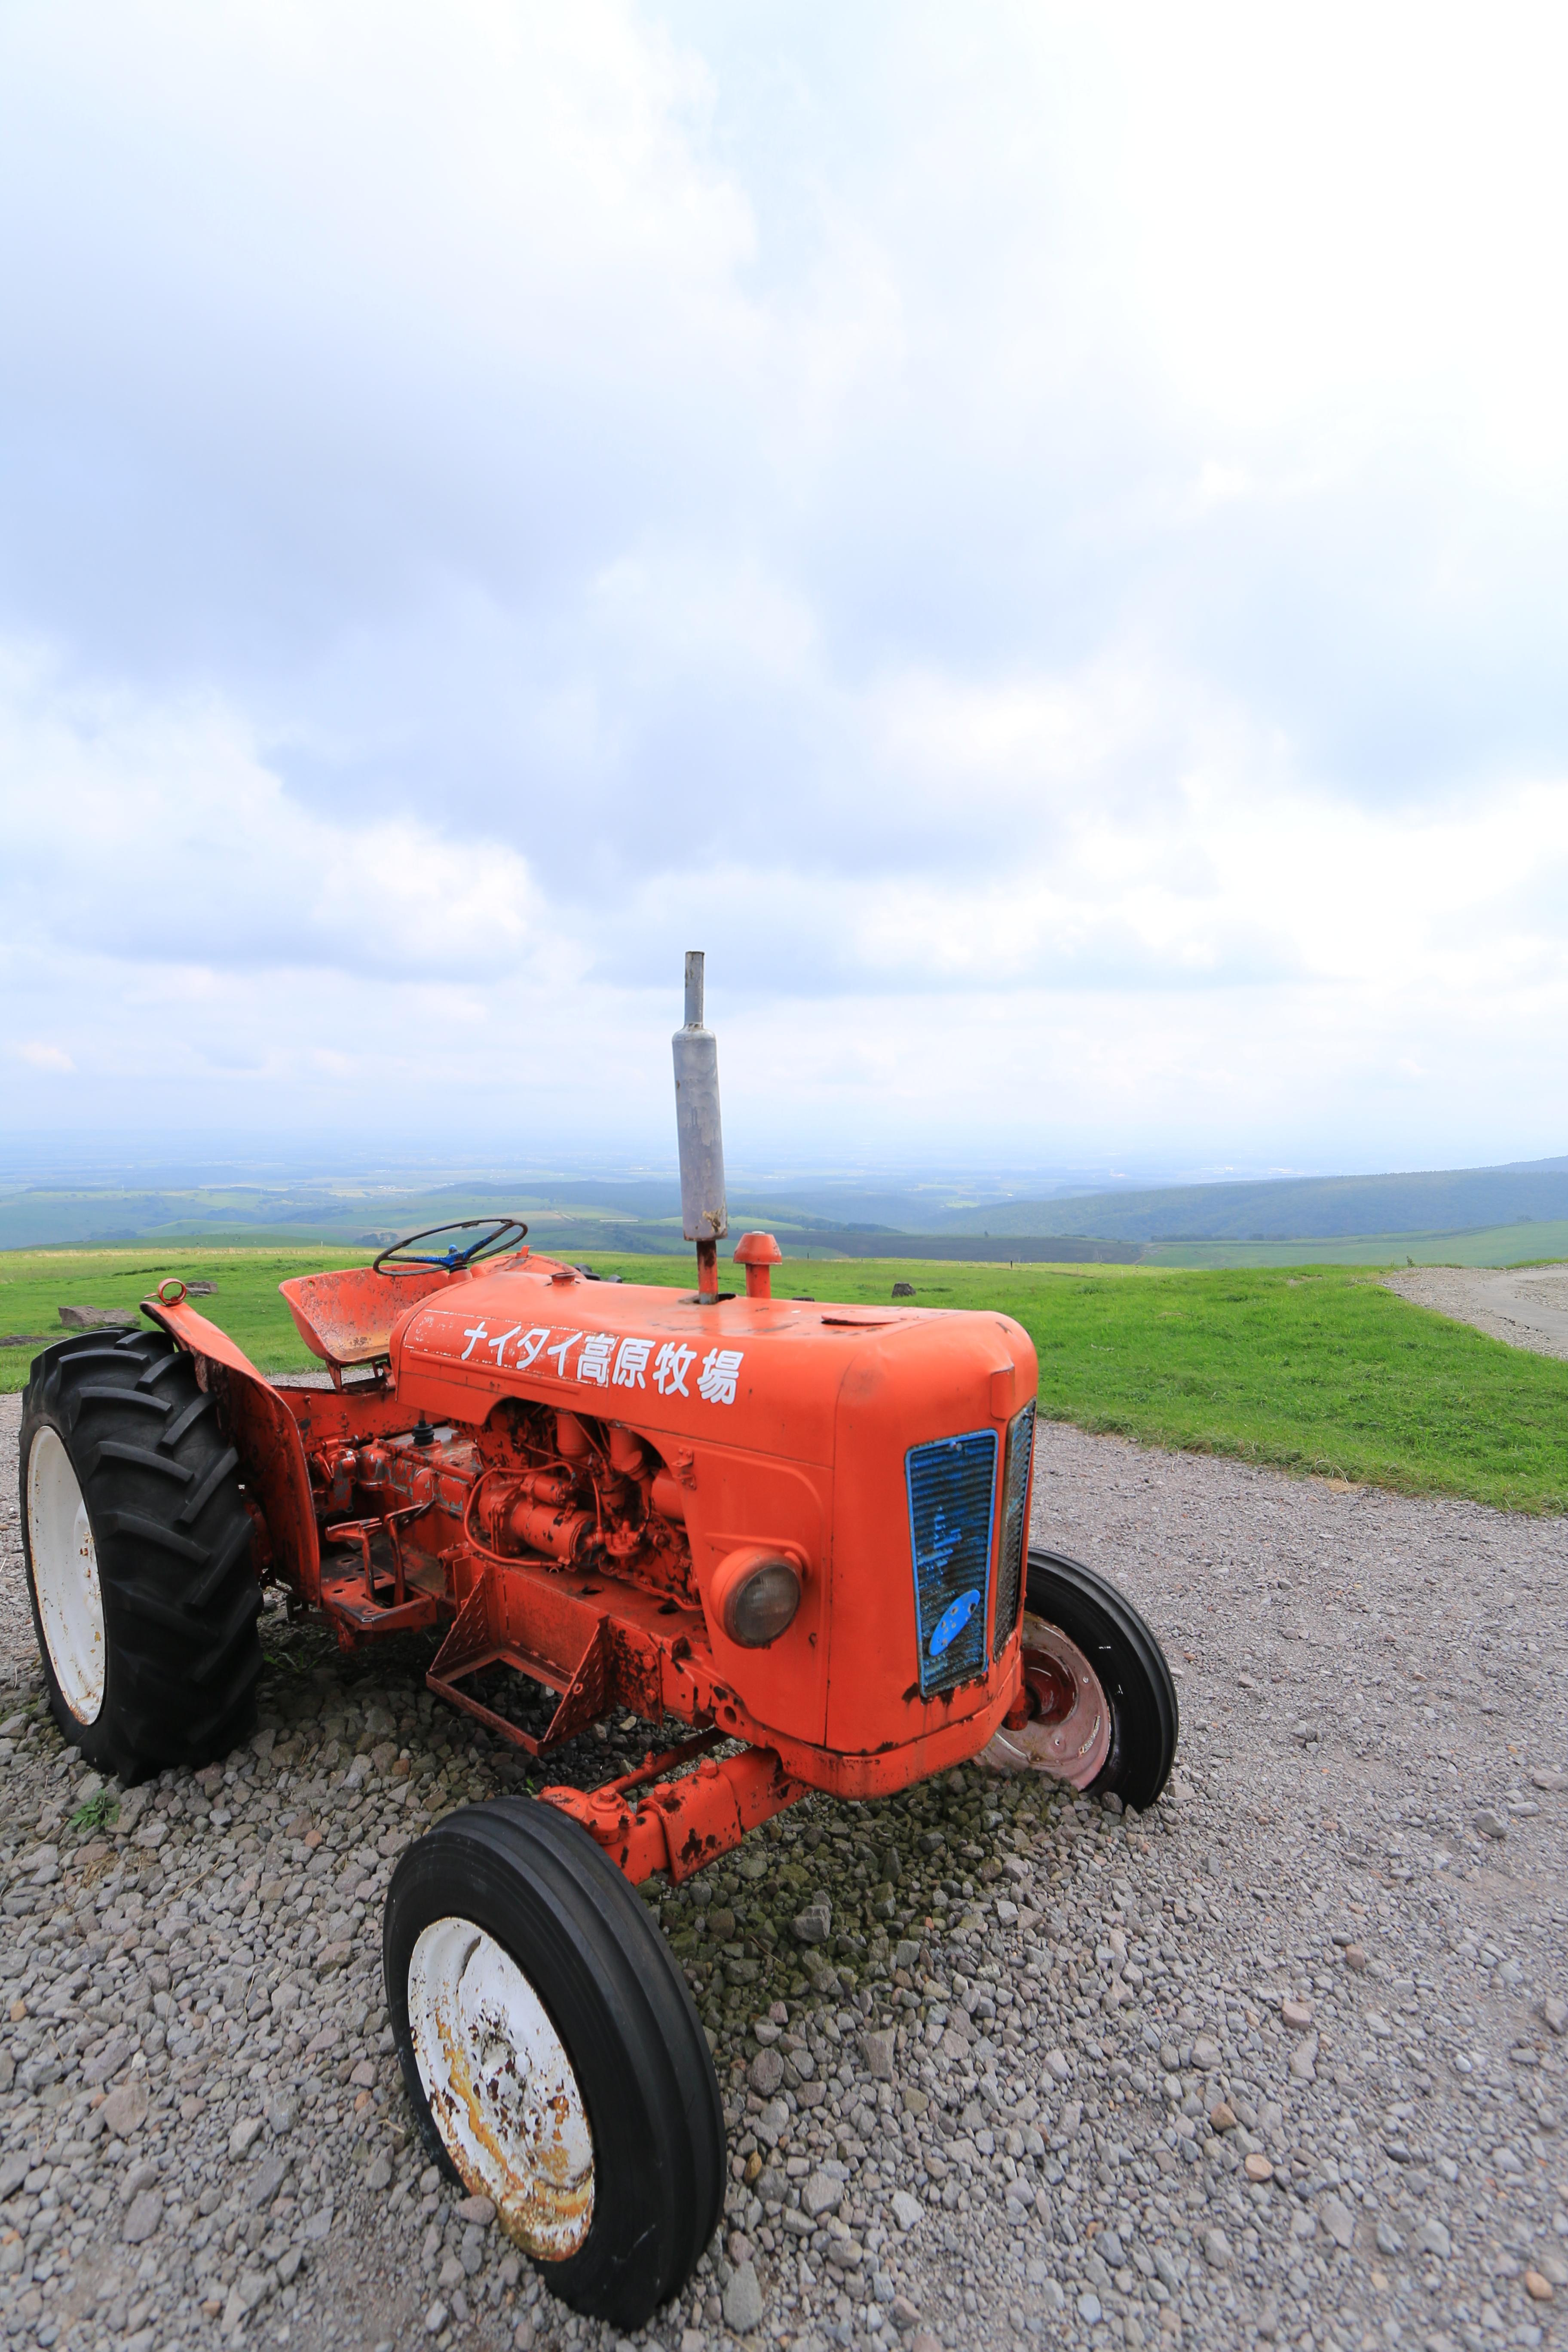 高原牧場のシンボル的な存在となっている真っ赤なトラクター。この高原を訪れるといつも笑顔で迎えてくれる。そんな可愛らしい奴。EF-S 10-22mm F3.5-4.5 USM / 1/320秒 / F5.6 / +0.7EV / ISO100 / 絞り優先AE / WB:太陽光 / 10mm